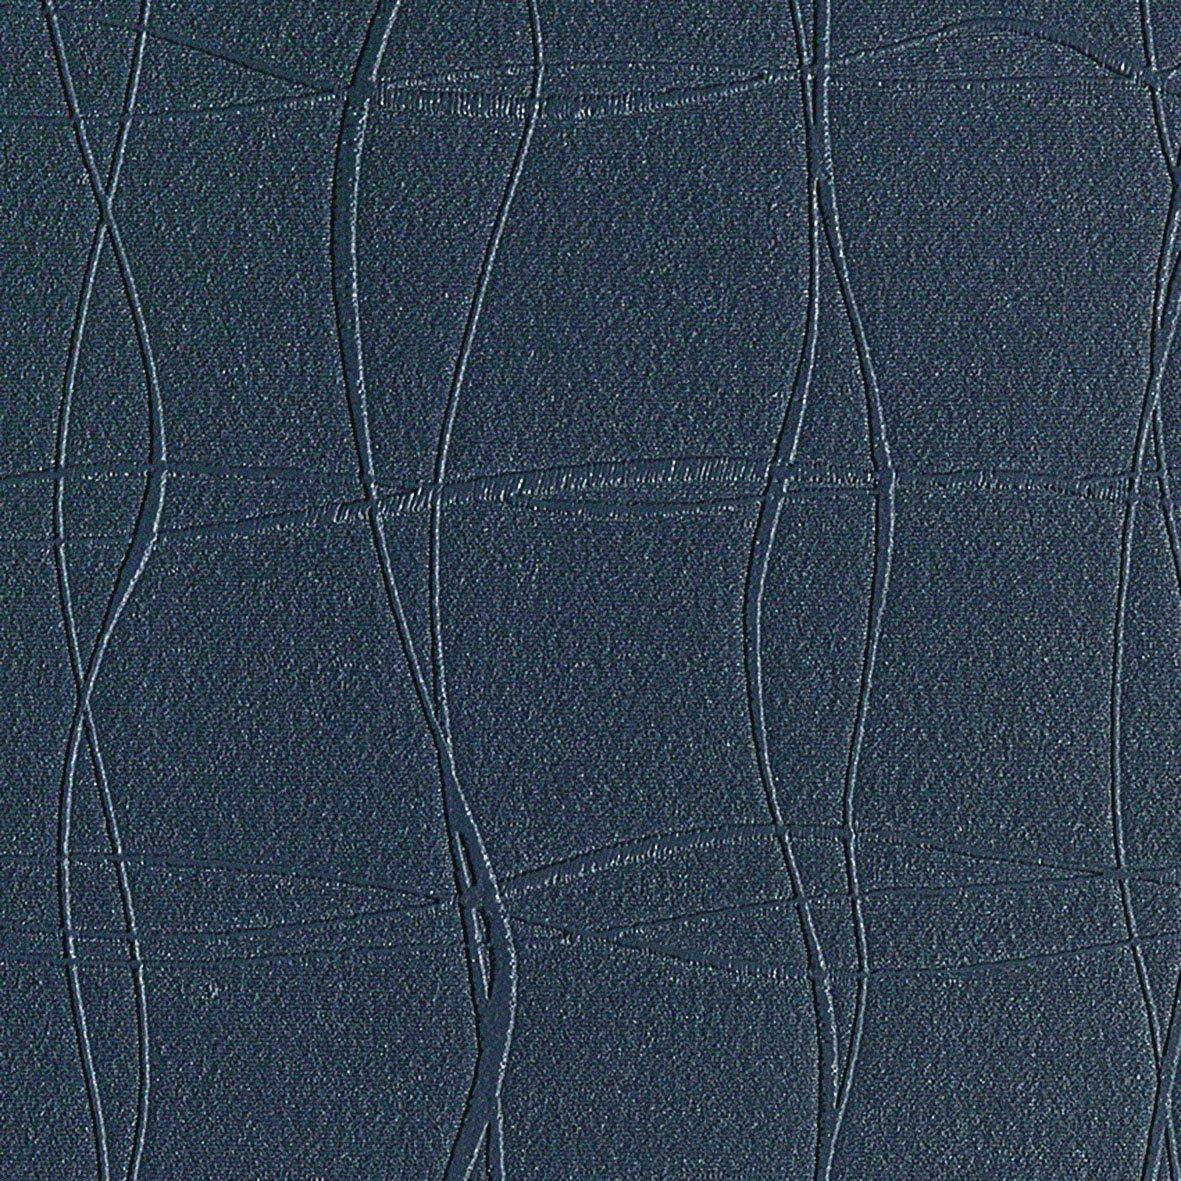 最安値に挑戦 リリカラ 壁紙40m 40m ブルー B01ihpgua8 Lv 6263 水